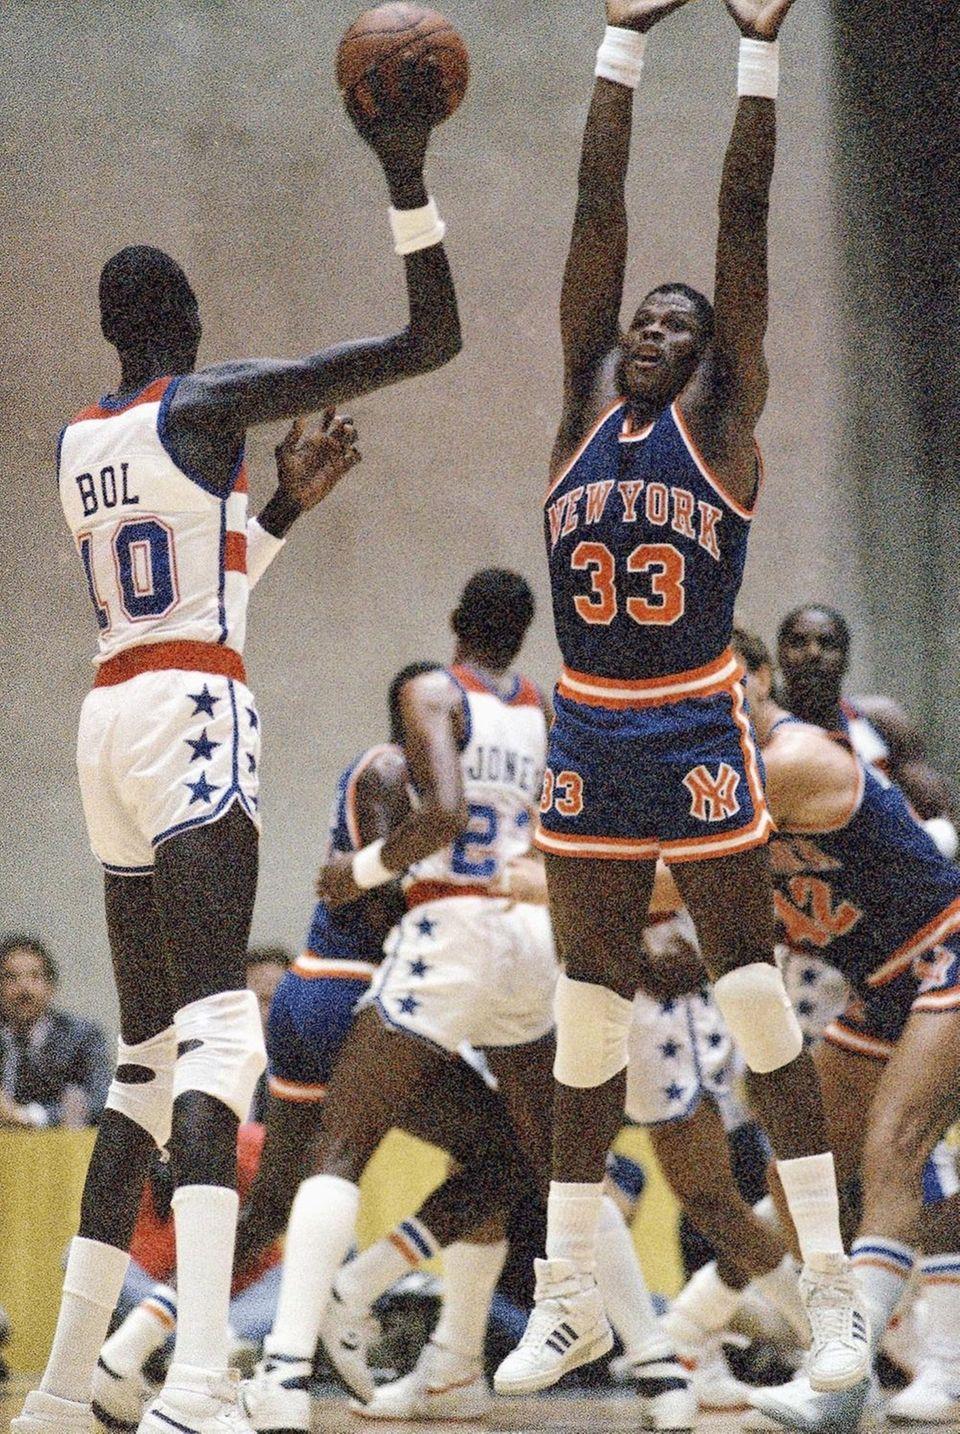 1983-87 road jerseys